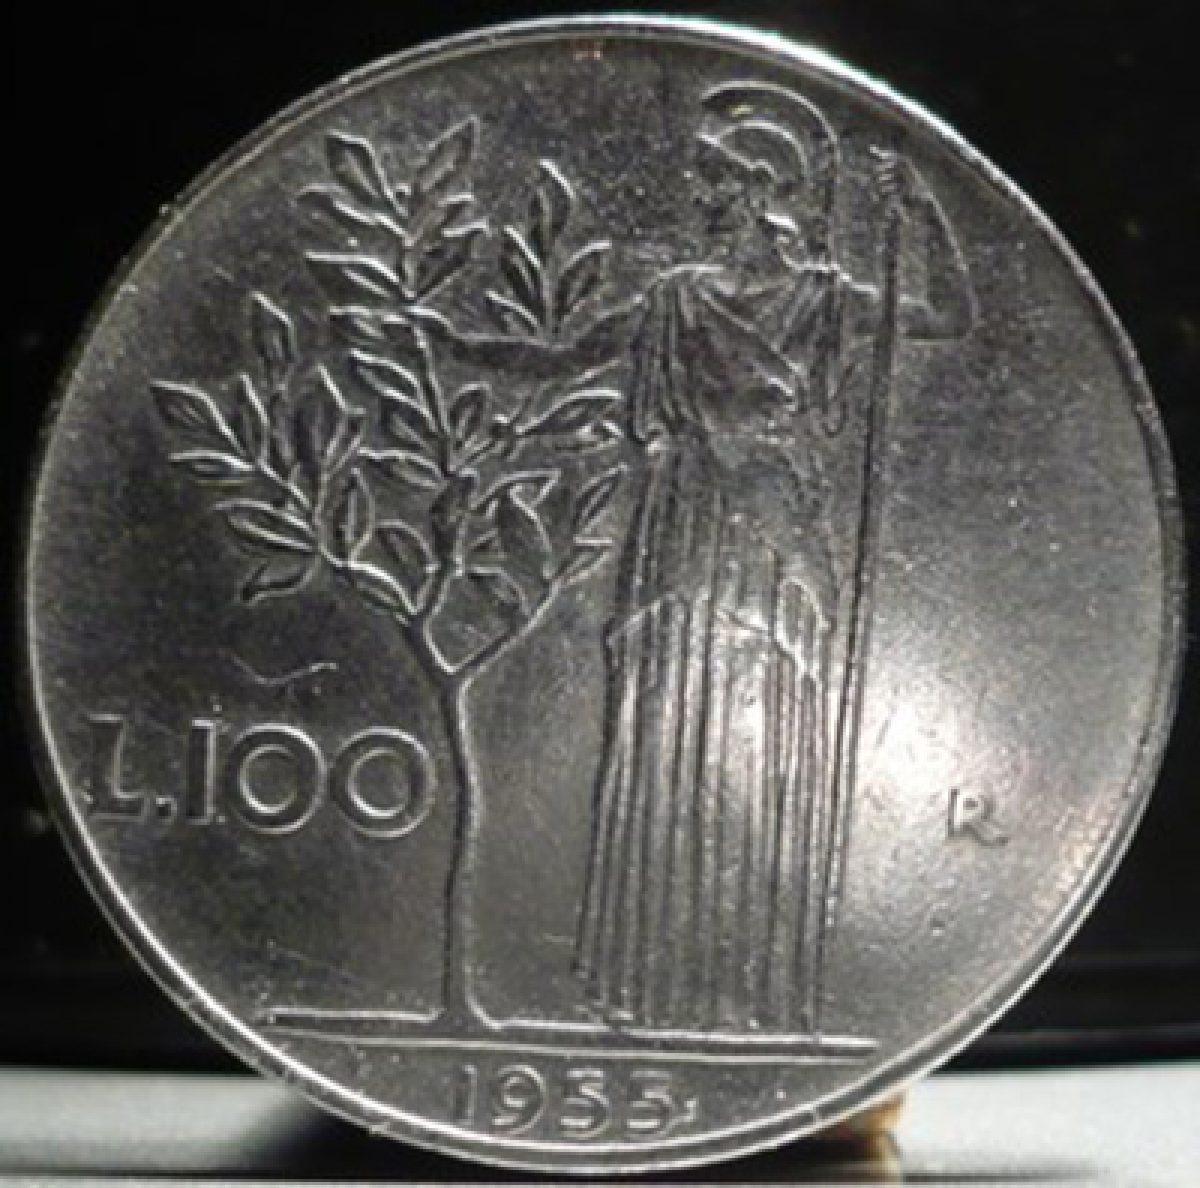 1cffc23fcb Monete rare italiane: ecco le lire che valgono una fortuna | Elenco  aggiornato